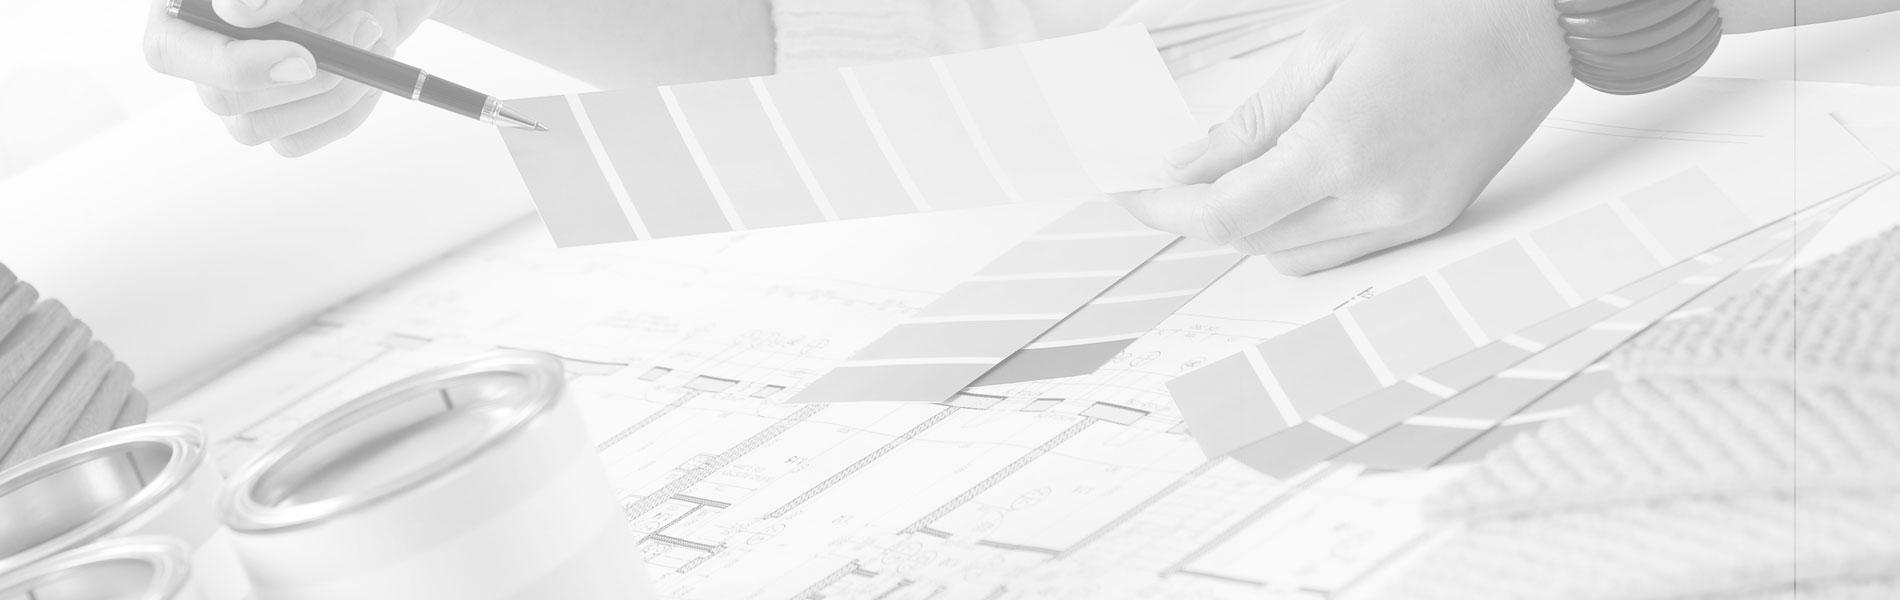 finzure, administración de fincas y arquitectura técnica-Finzure Arquitectura técnica